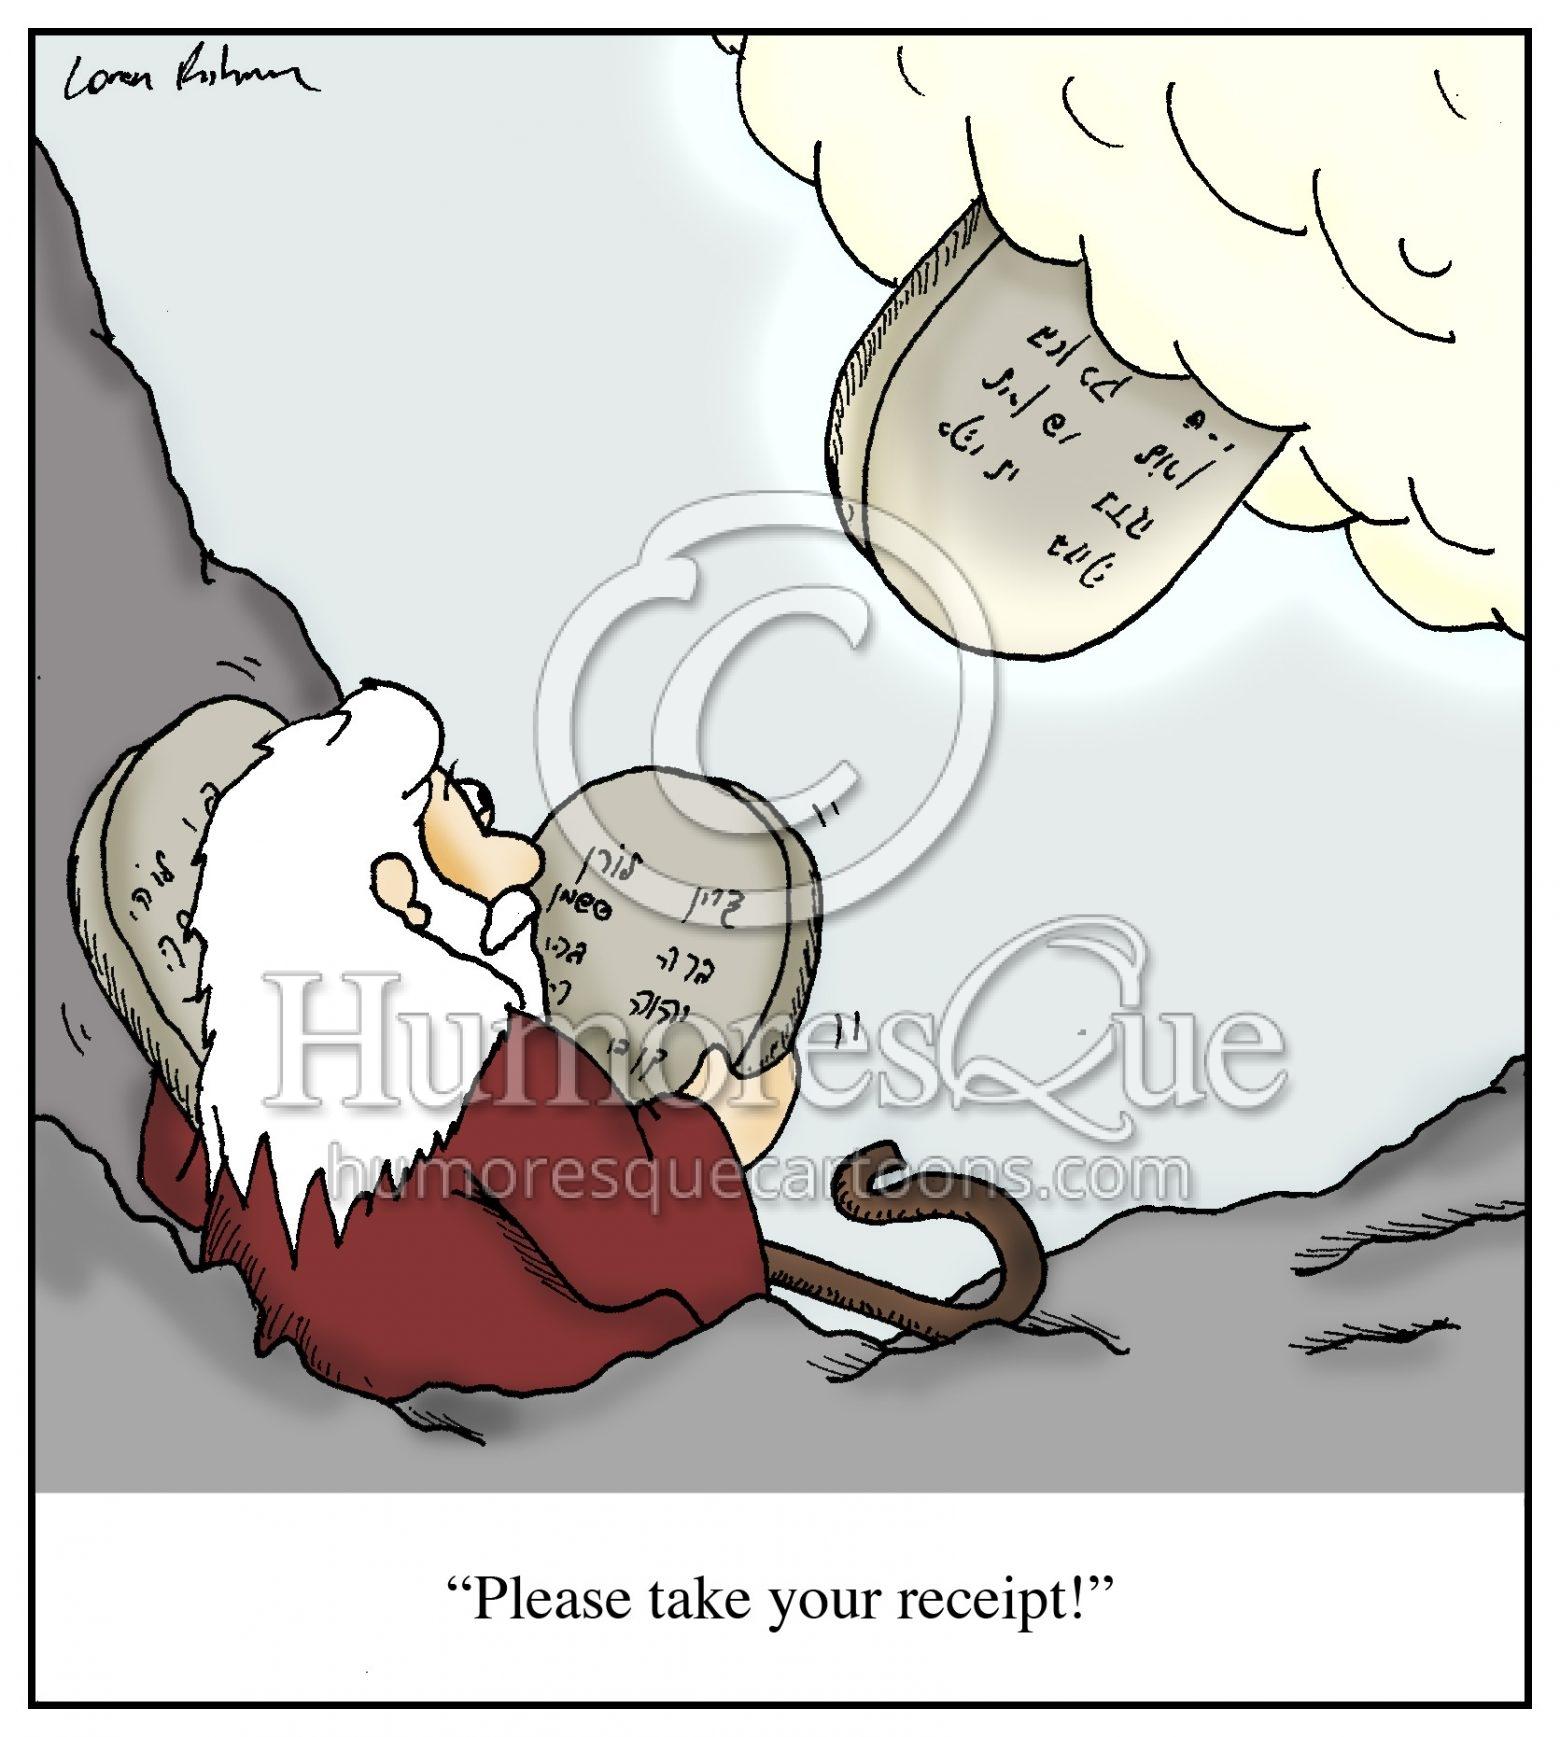 moses cartoon getting a receipt for the ten commandments